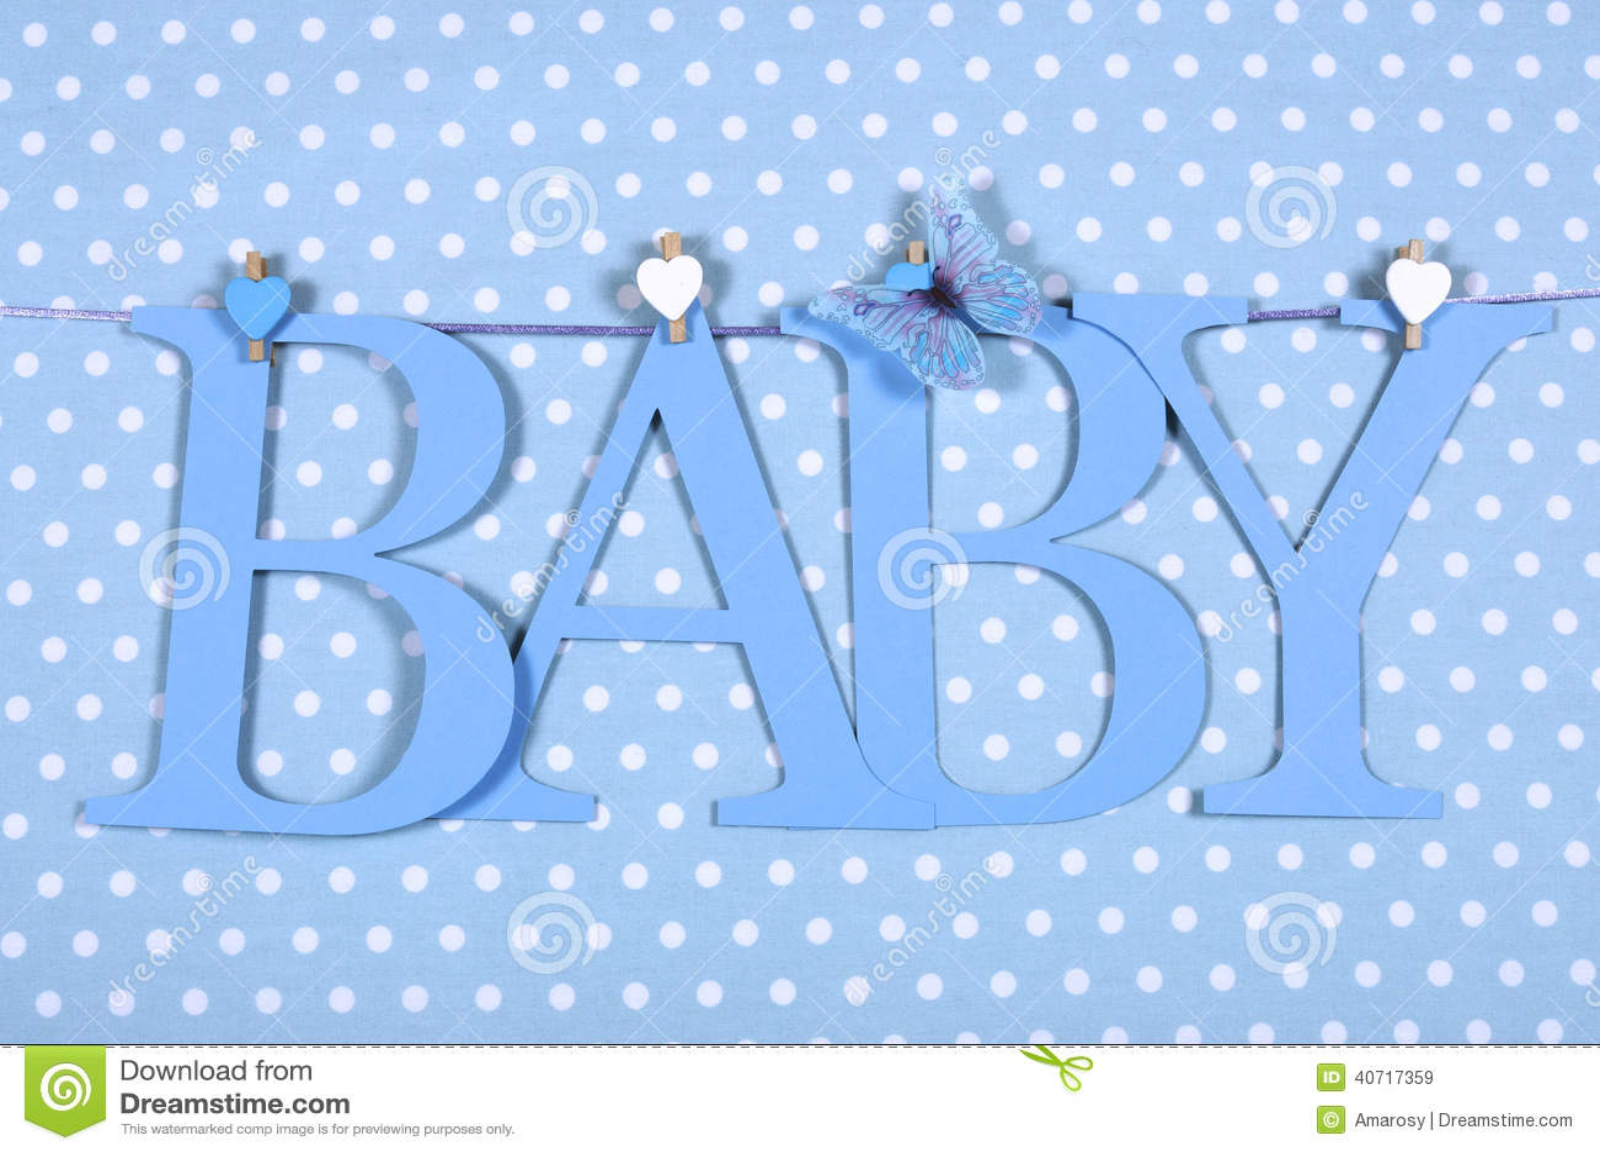 Il BAMBINO blu della scuola materna del neonato segna la stamina con lettere che pende dai pioli su una linea contro un fondo blu